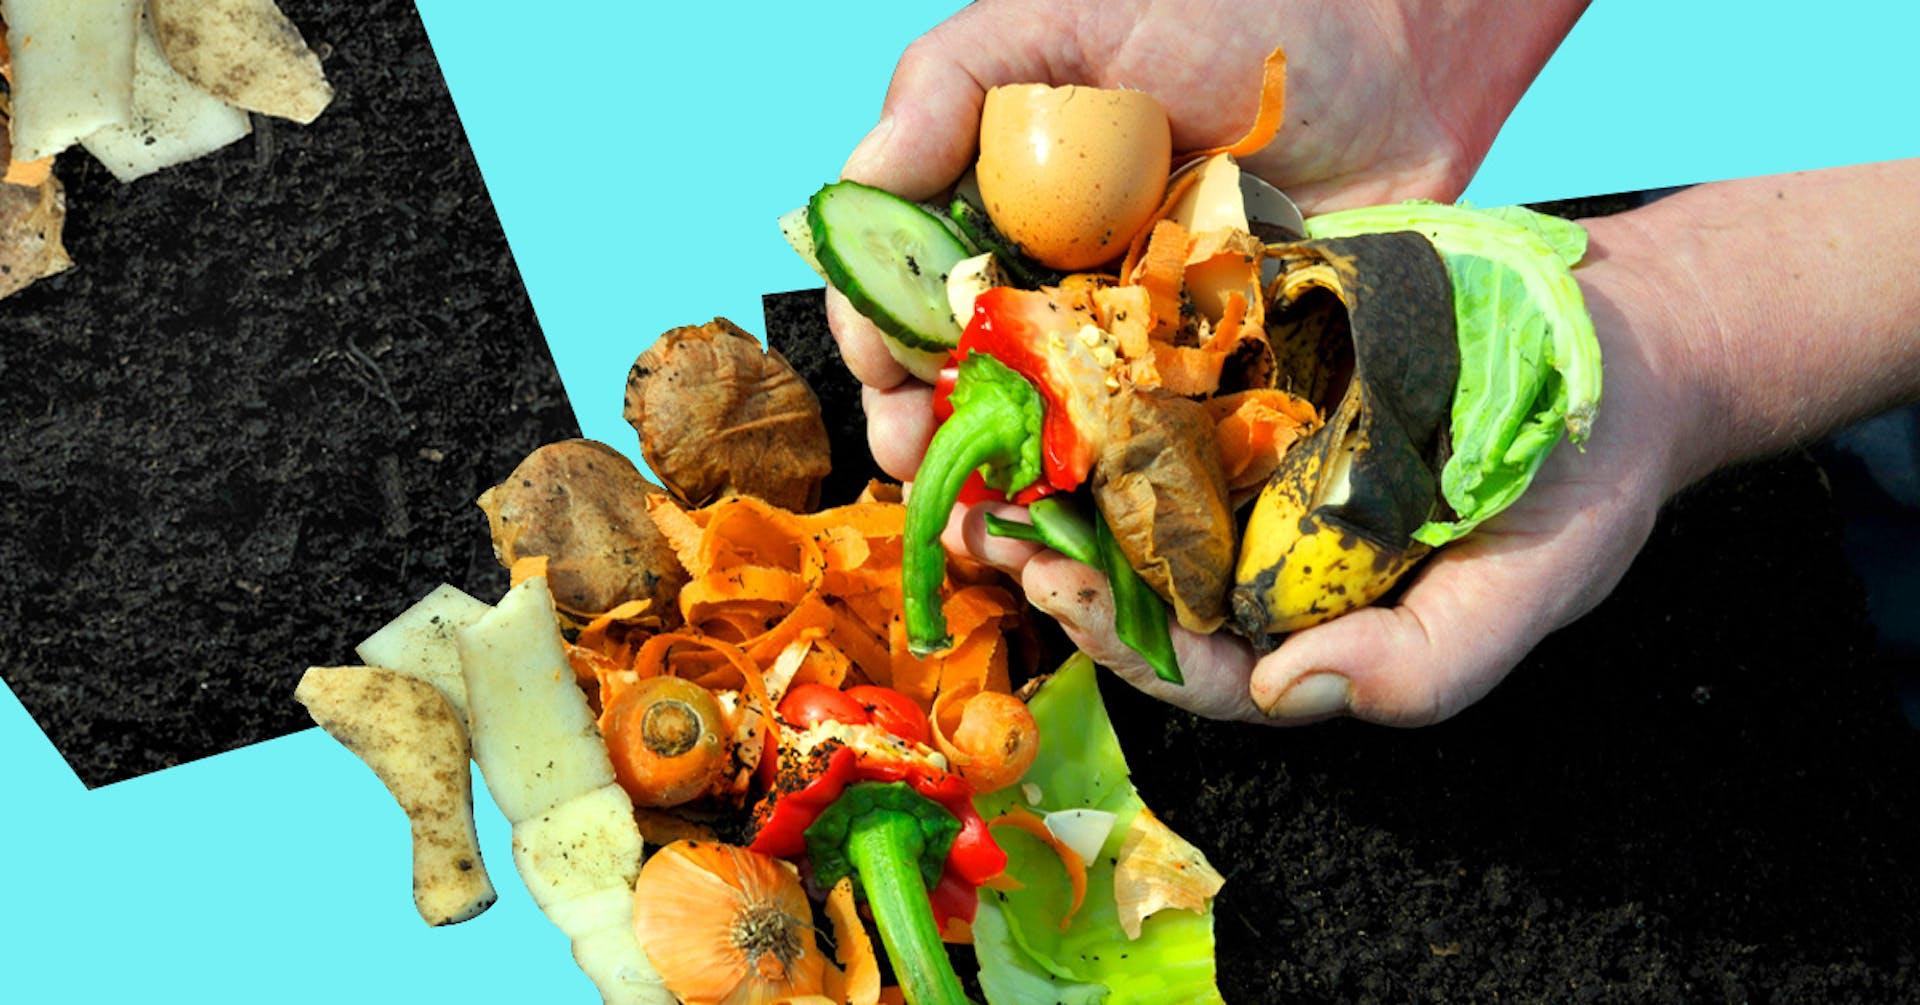 Como fazer uma compostagem caseira?